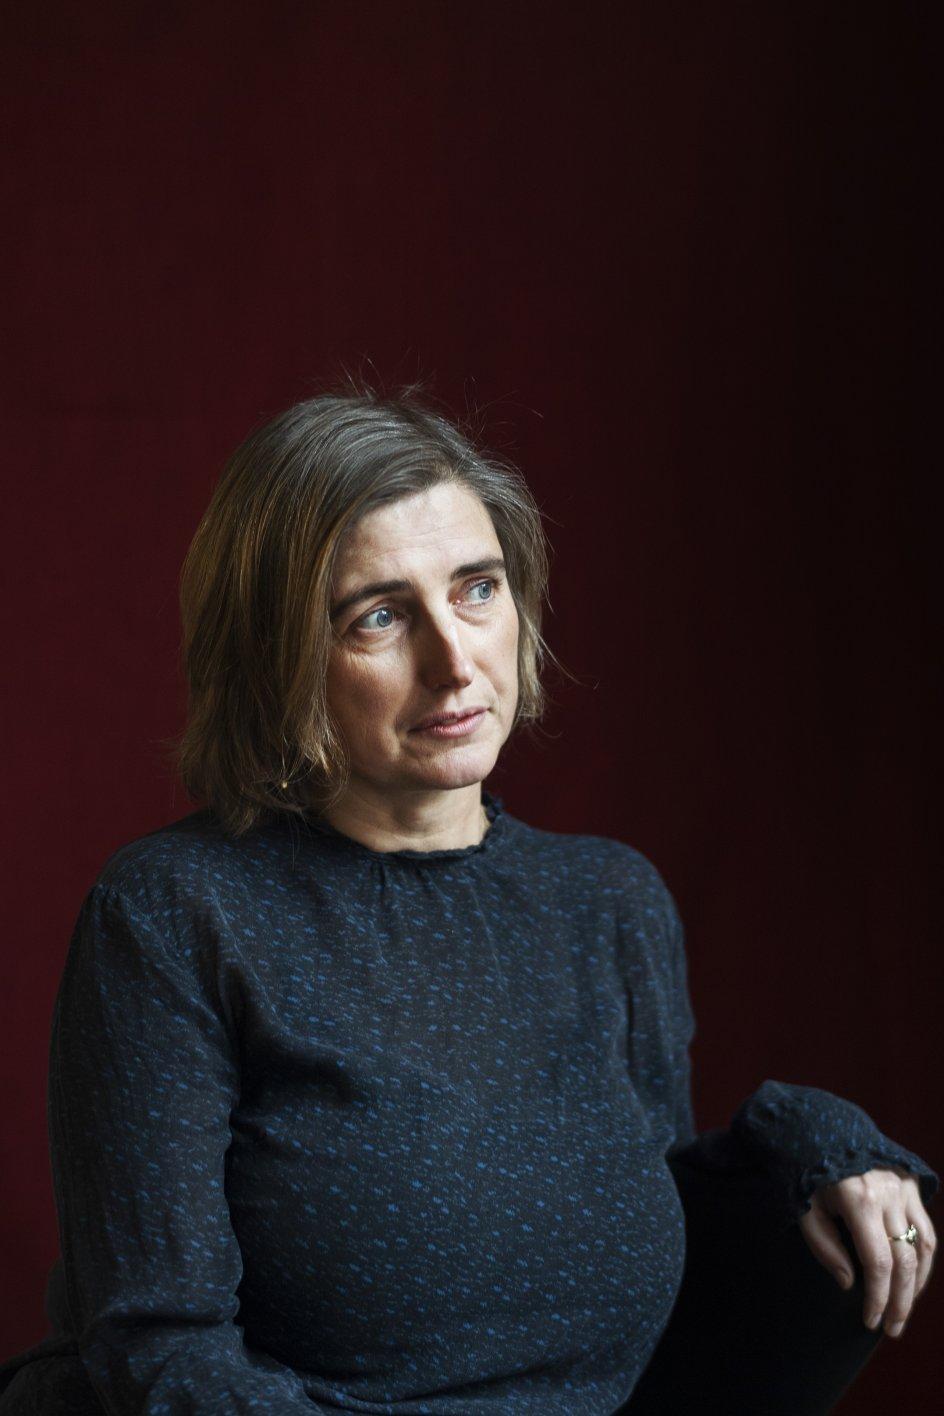 Den aktuelle debat om teolog og filosof K.E. Løgstrup (th.) er opstået efter en doktor disputats skrevet af filosof Esther Oluffa Pedersen (tv.). –